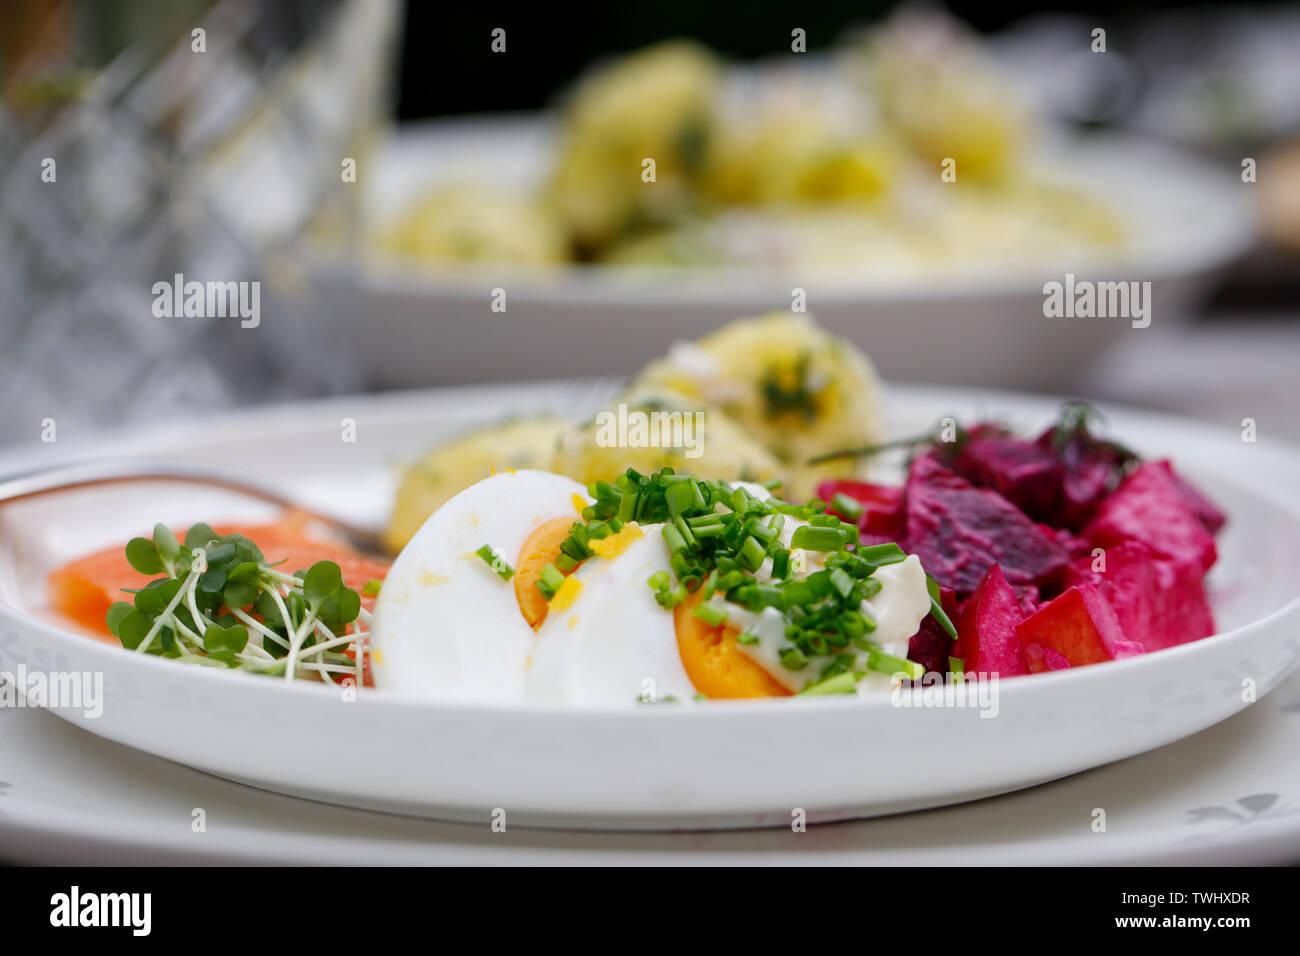 Skandinavische Mittsommerfest fest mit Kartoffelsalat, Lachs und Rote Bete Stockbild